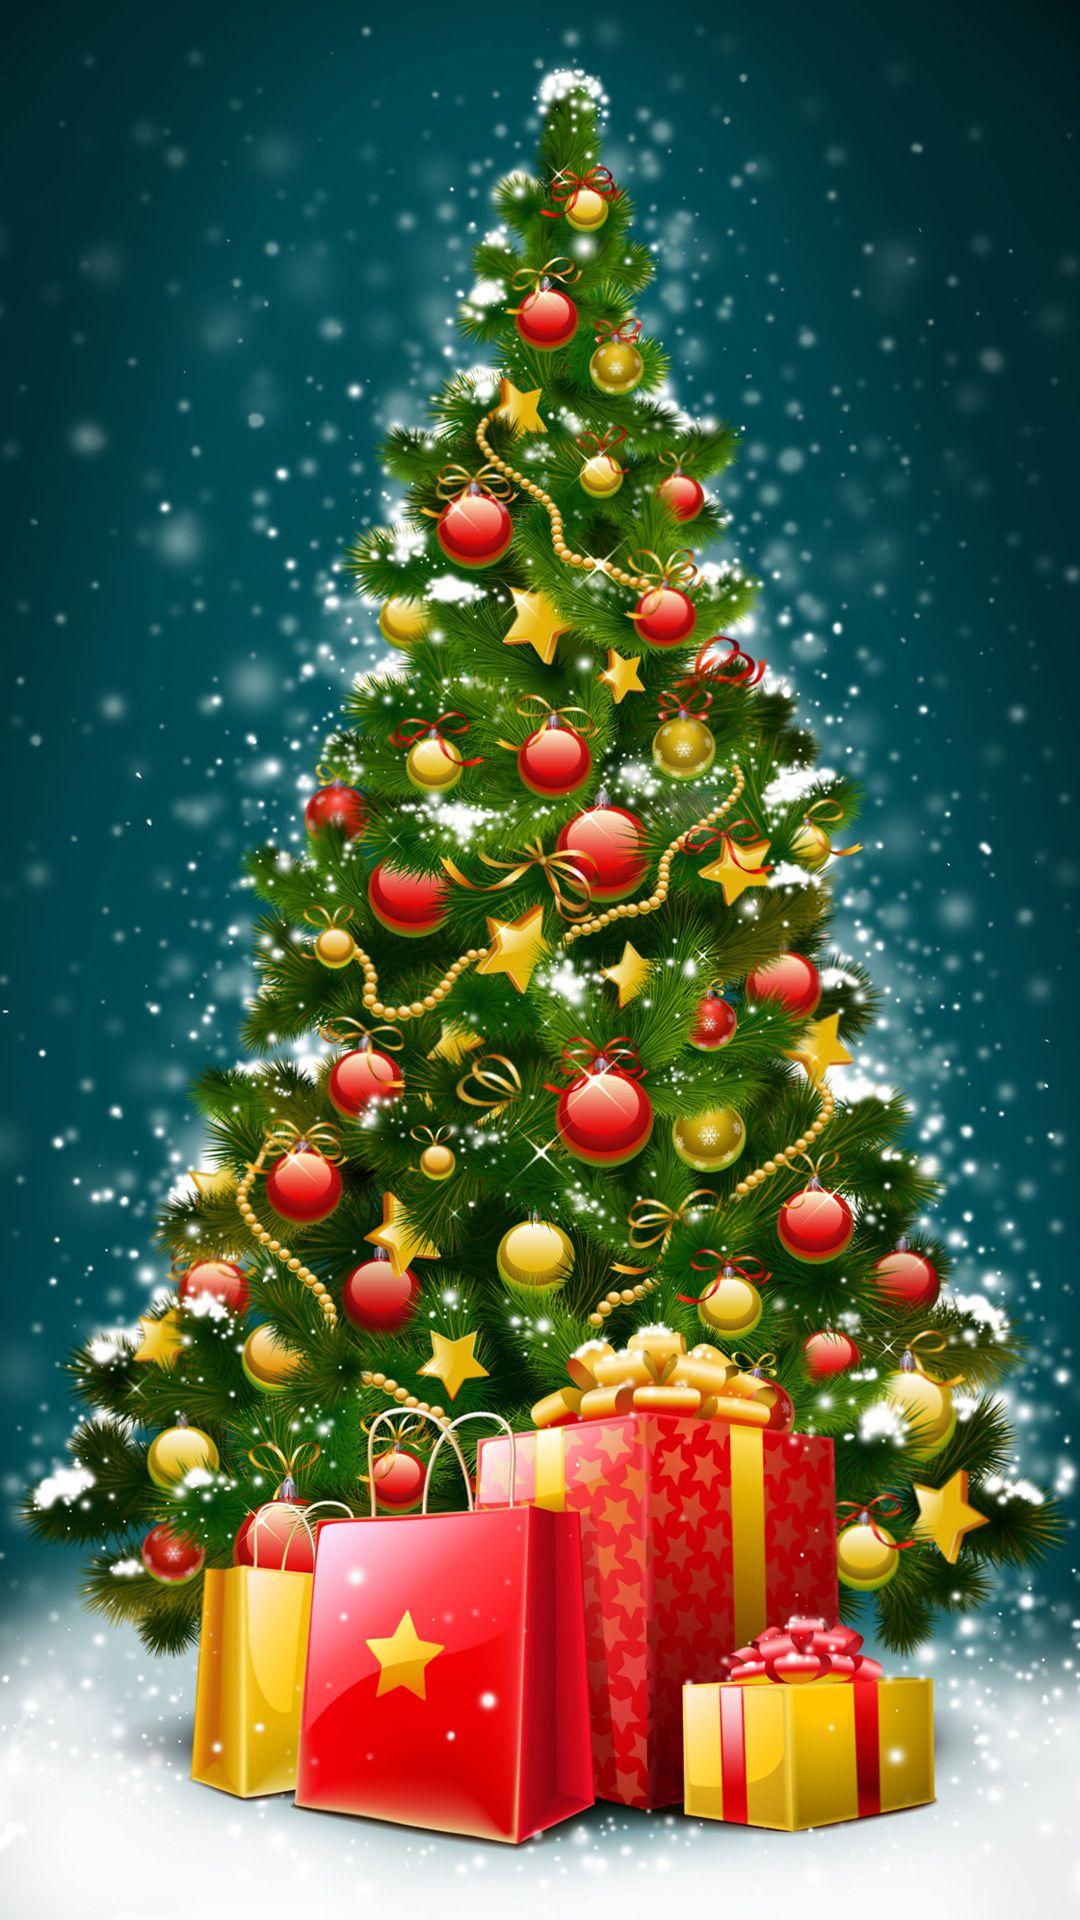 Beautiful Christmas Tree Wallpapers Merry Christmas Gif Noel Illustration Noel Cartes De Noel Animees